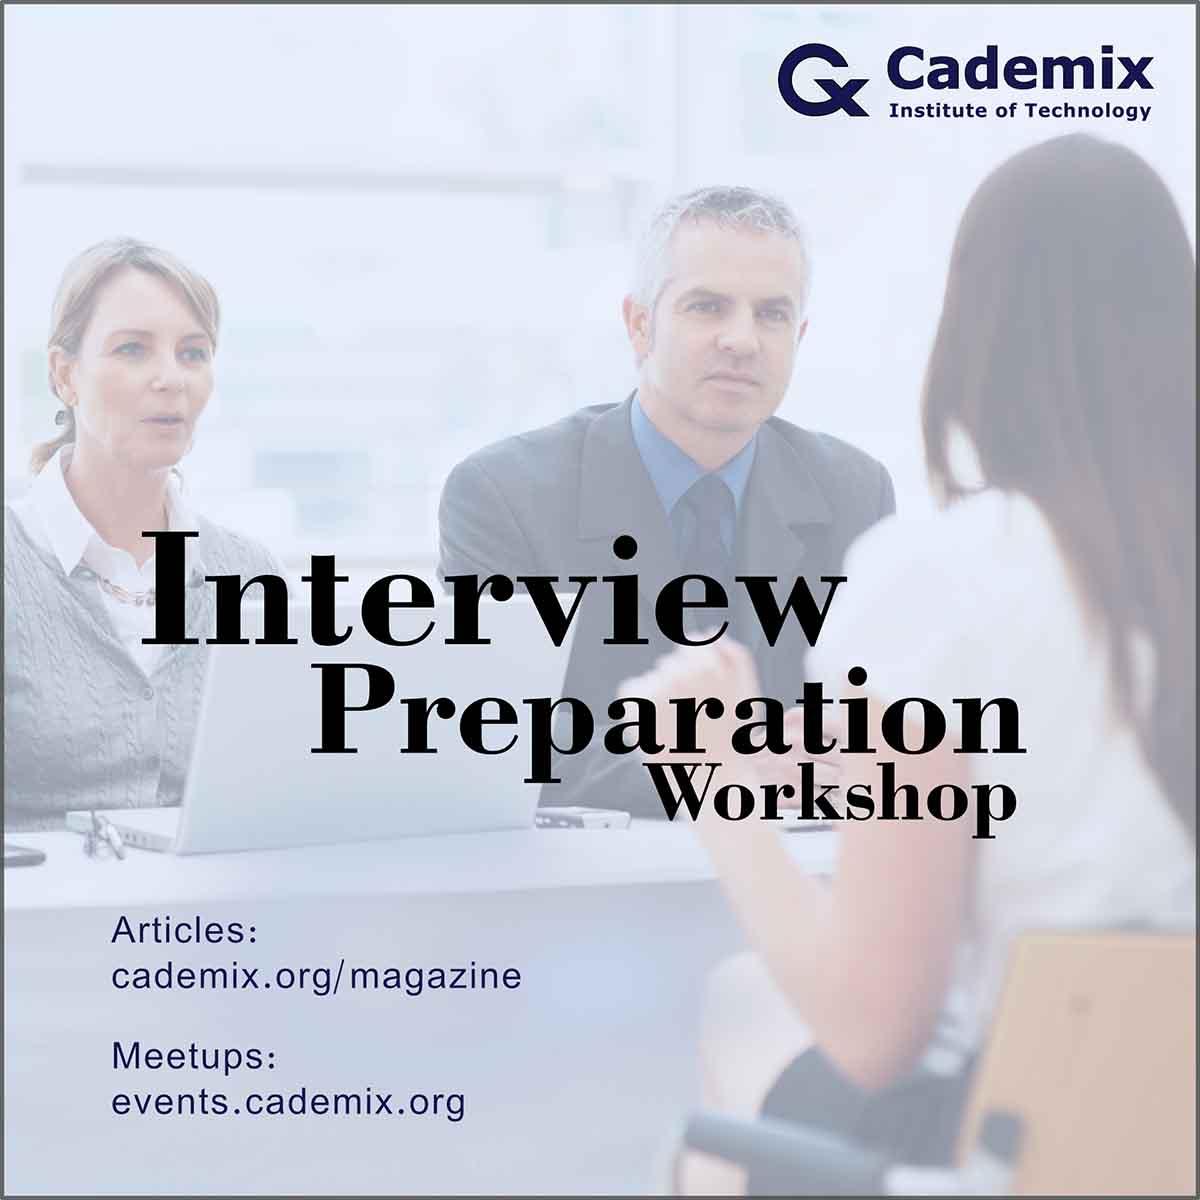 Interview Preparation Workshop Poster